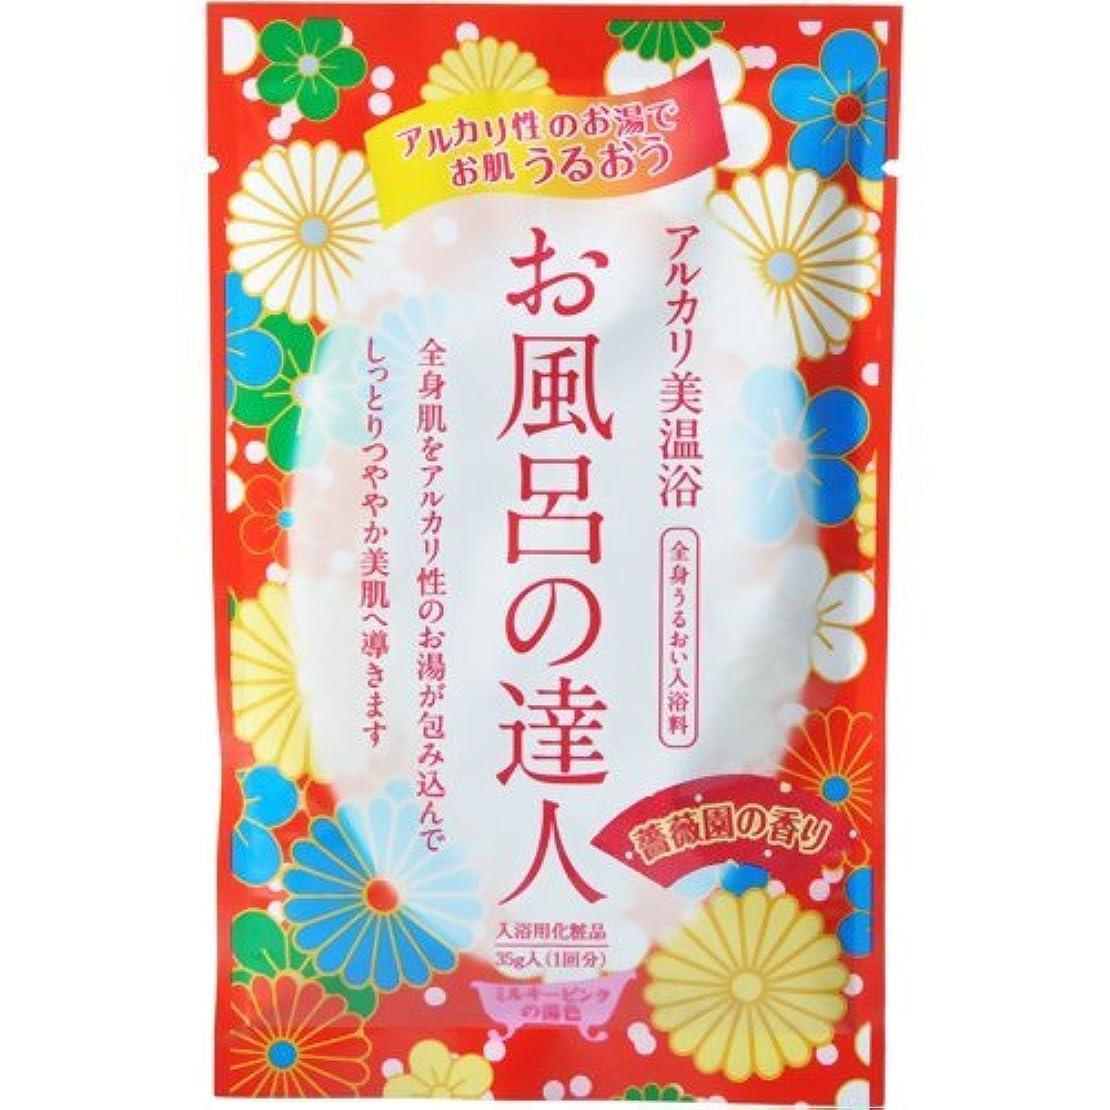 動く取り付けシェルお風呂の達人 薔薇園の香り 35G 五洲薬品